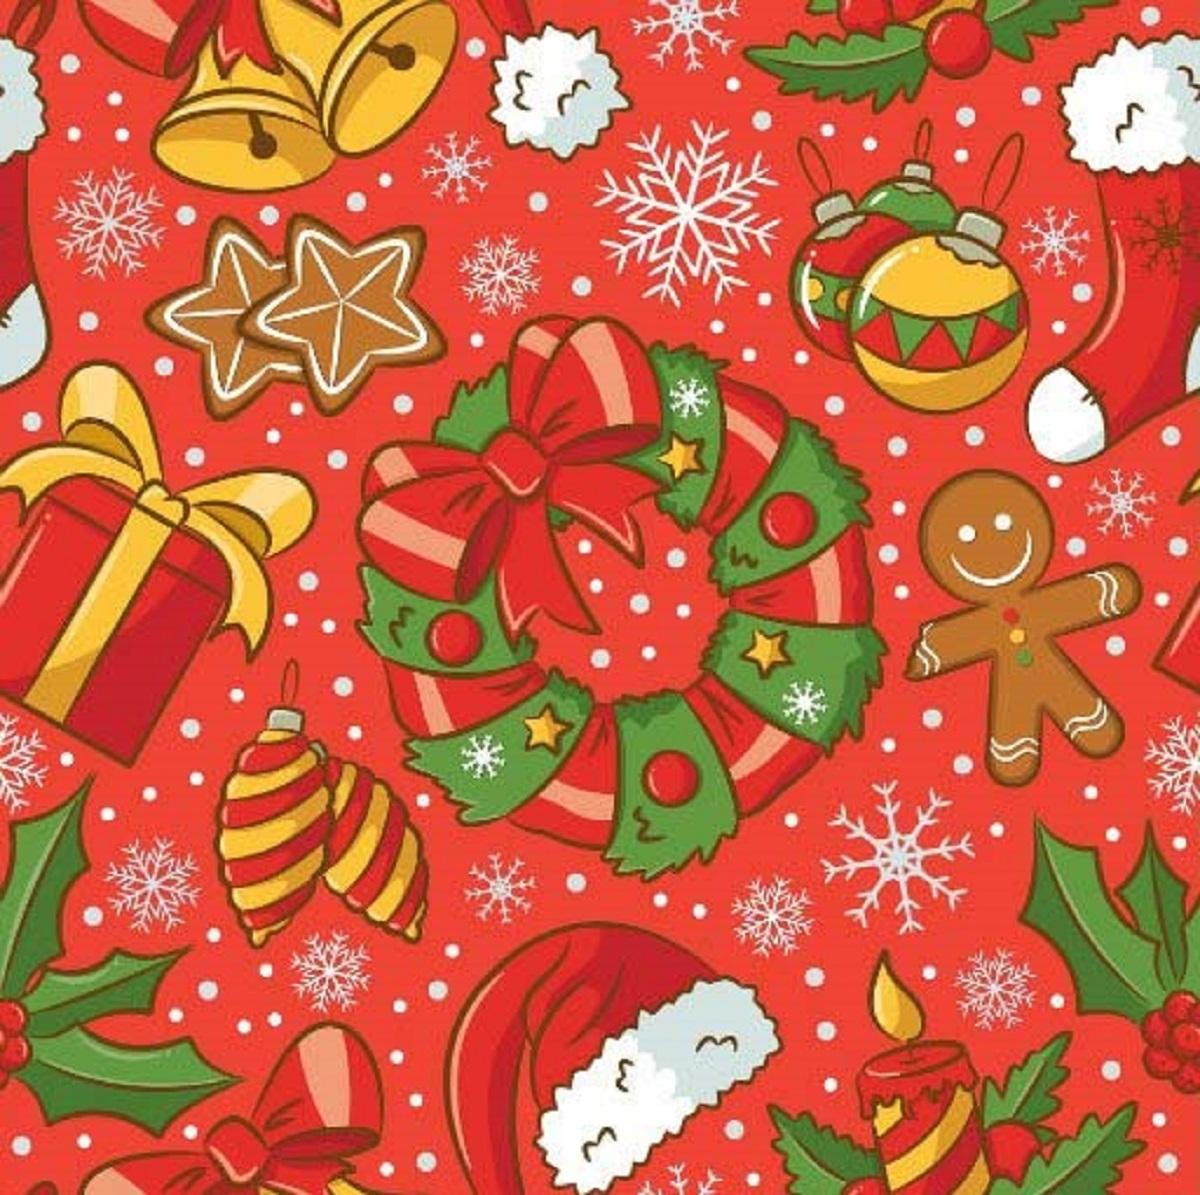 Салфетки бумажные Gratias Рождество, цвет: красный, трехслойные, 33 х 33 см, 20 шт787502Для бытового и санитарно-гигиенического назначения одноразового использования.